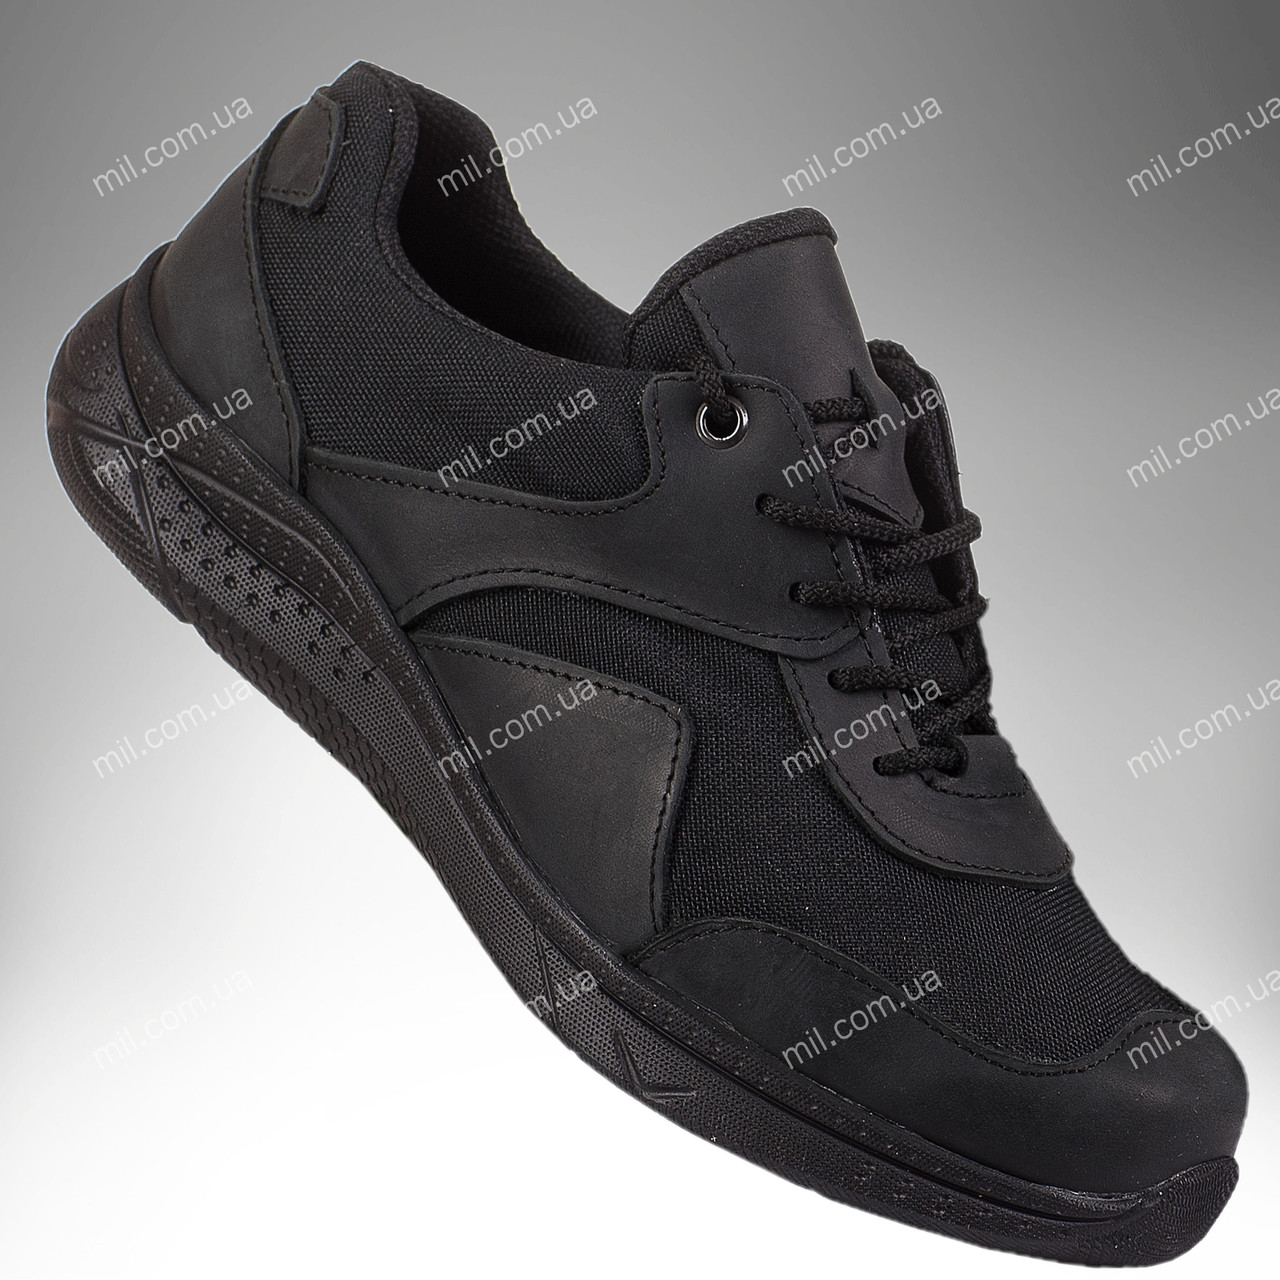 Военные демисезонные кроссовки / тактическая обувь, армейская спецобувь GENESIS (black)